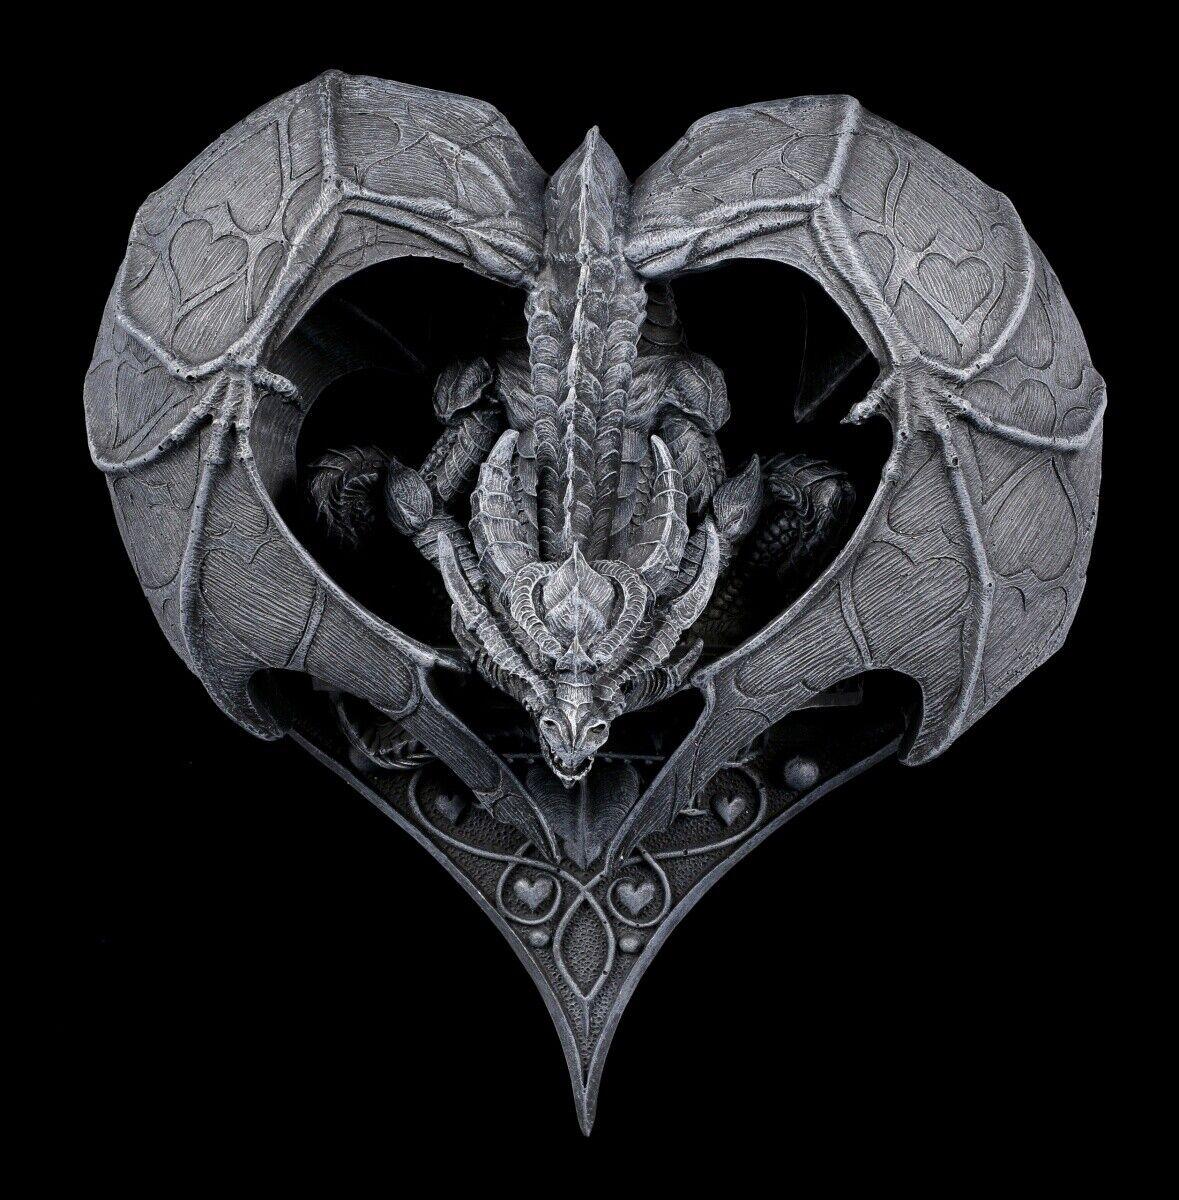 Gótico Relieve de Pared - Corazón Dragón Fantasía Decoración Dekoartikel H 23 CM